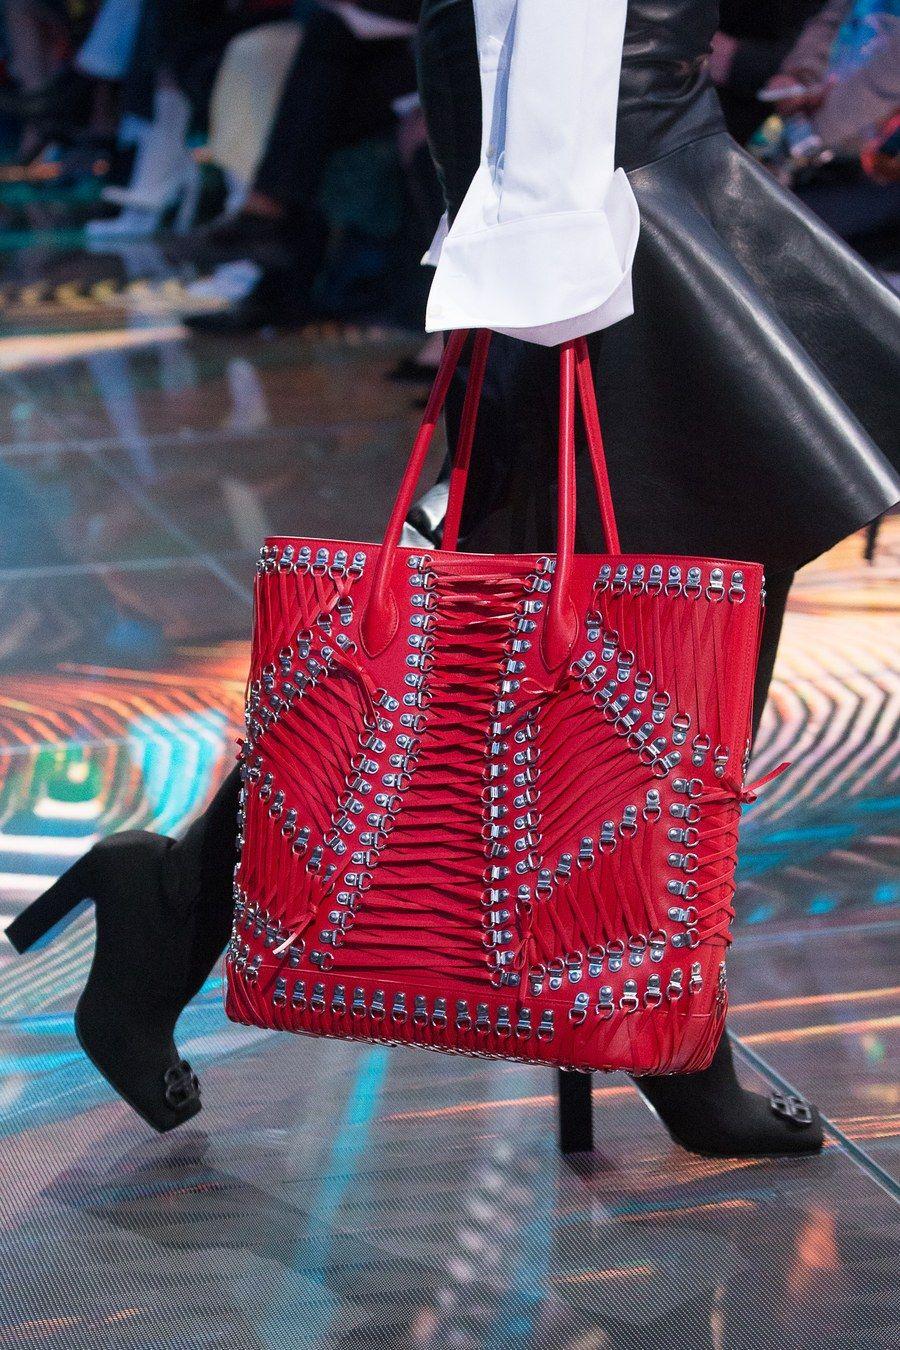 Balenciaga Spring 2019 Ready-to-Wear Fashion Show ekkor  2019  b7594acff50ac